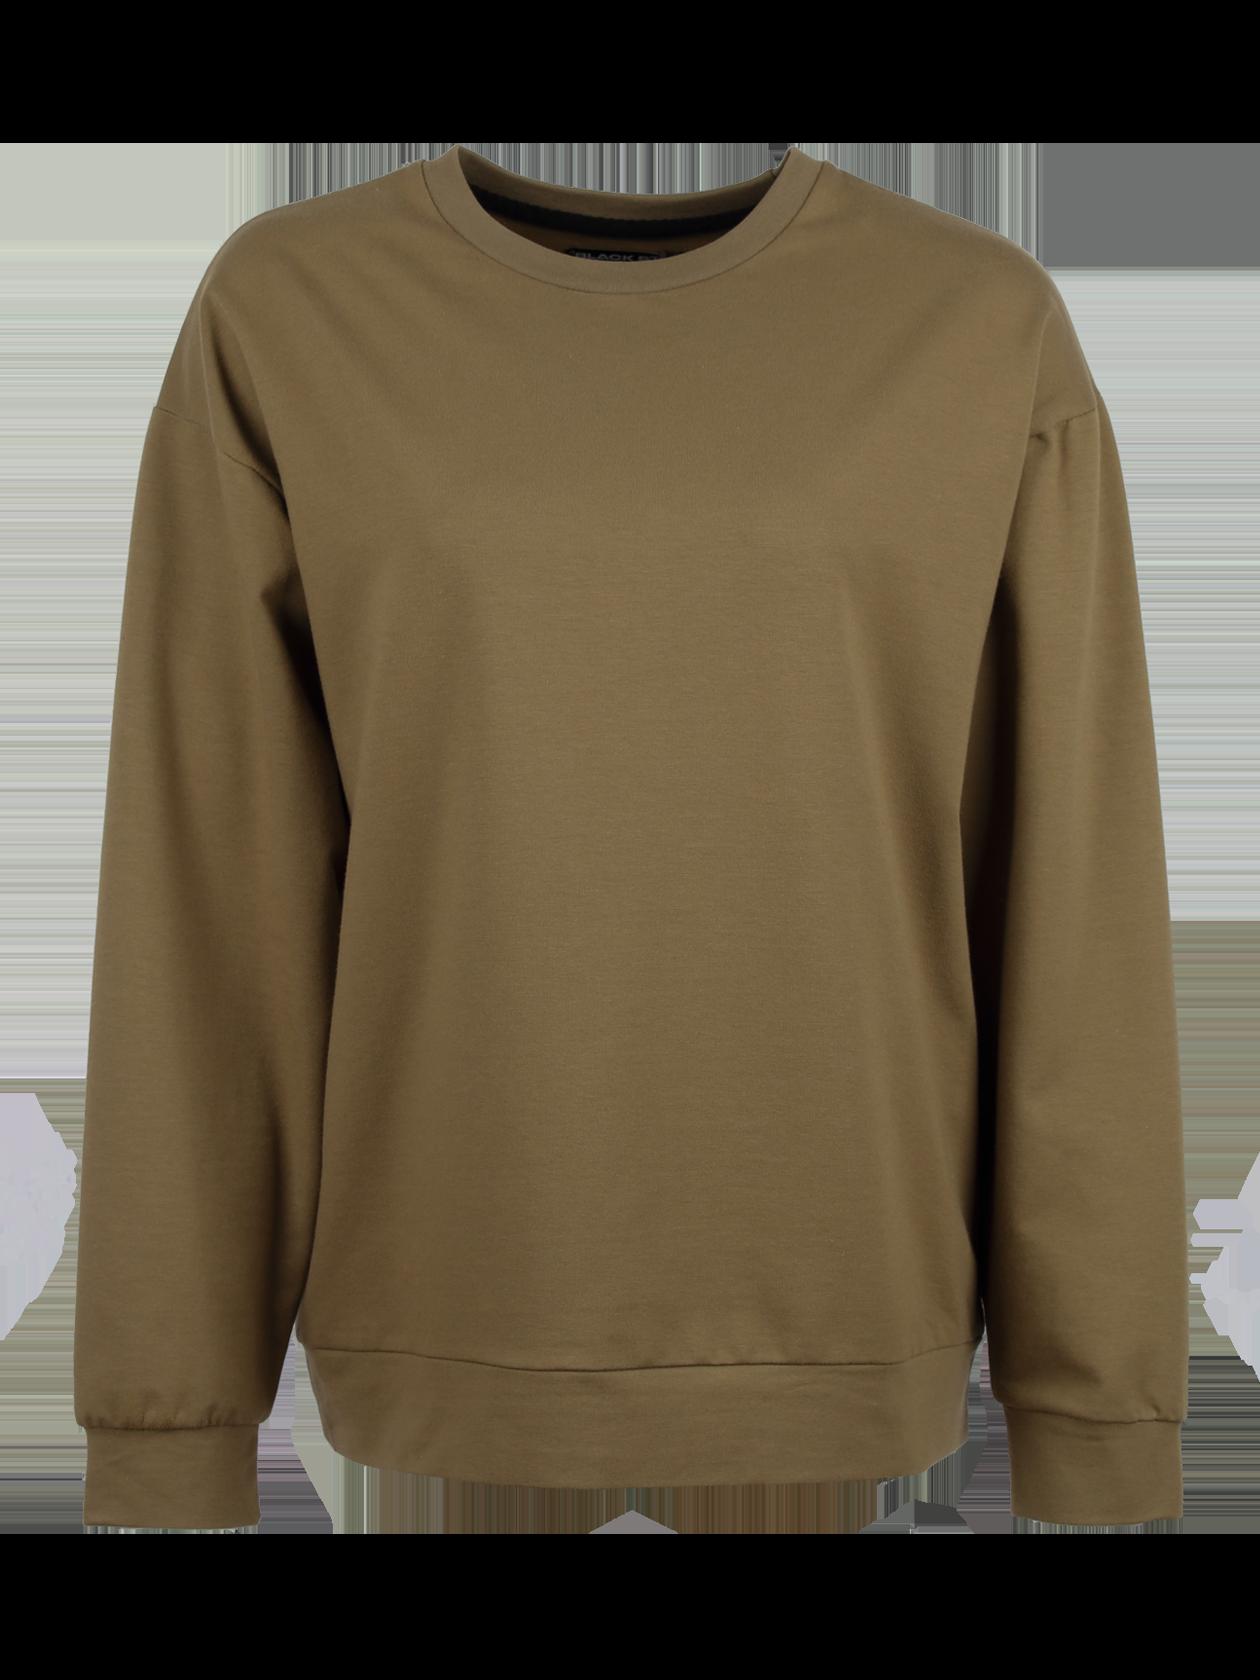 Womens sweatshirt 13